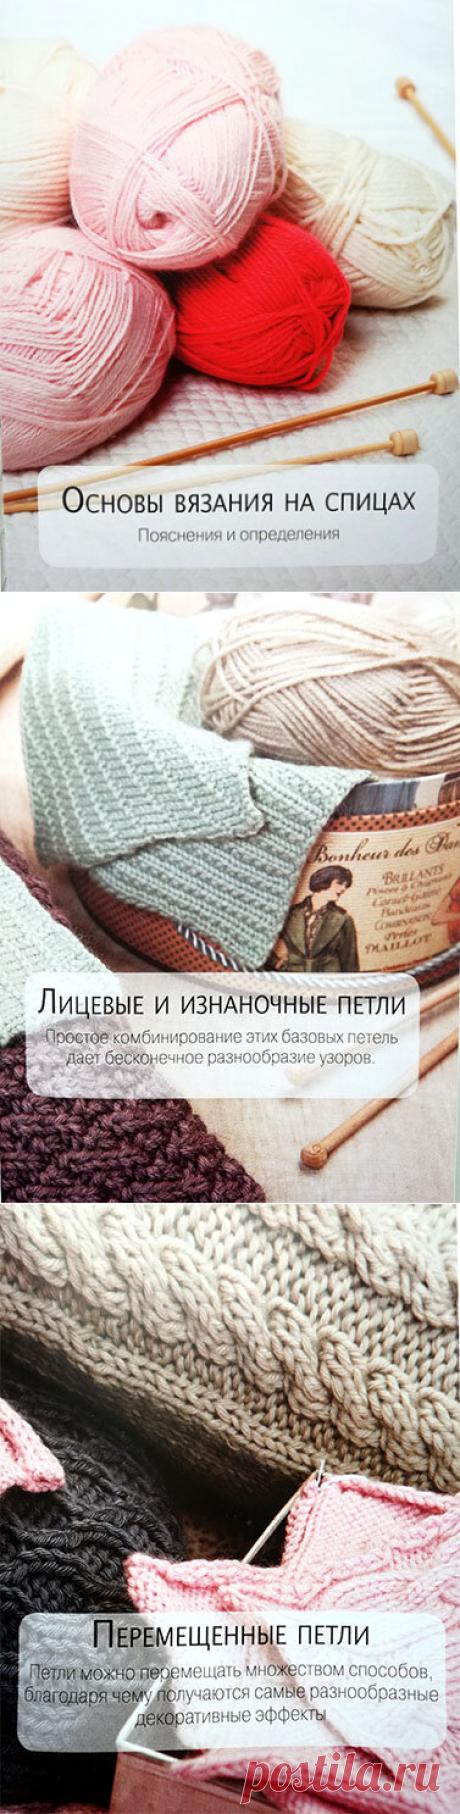 Библия узоров или 300 оригинальных идей для вязания спицами   1000 идей для вязания спицами   Яндекс Дзен